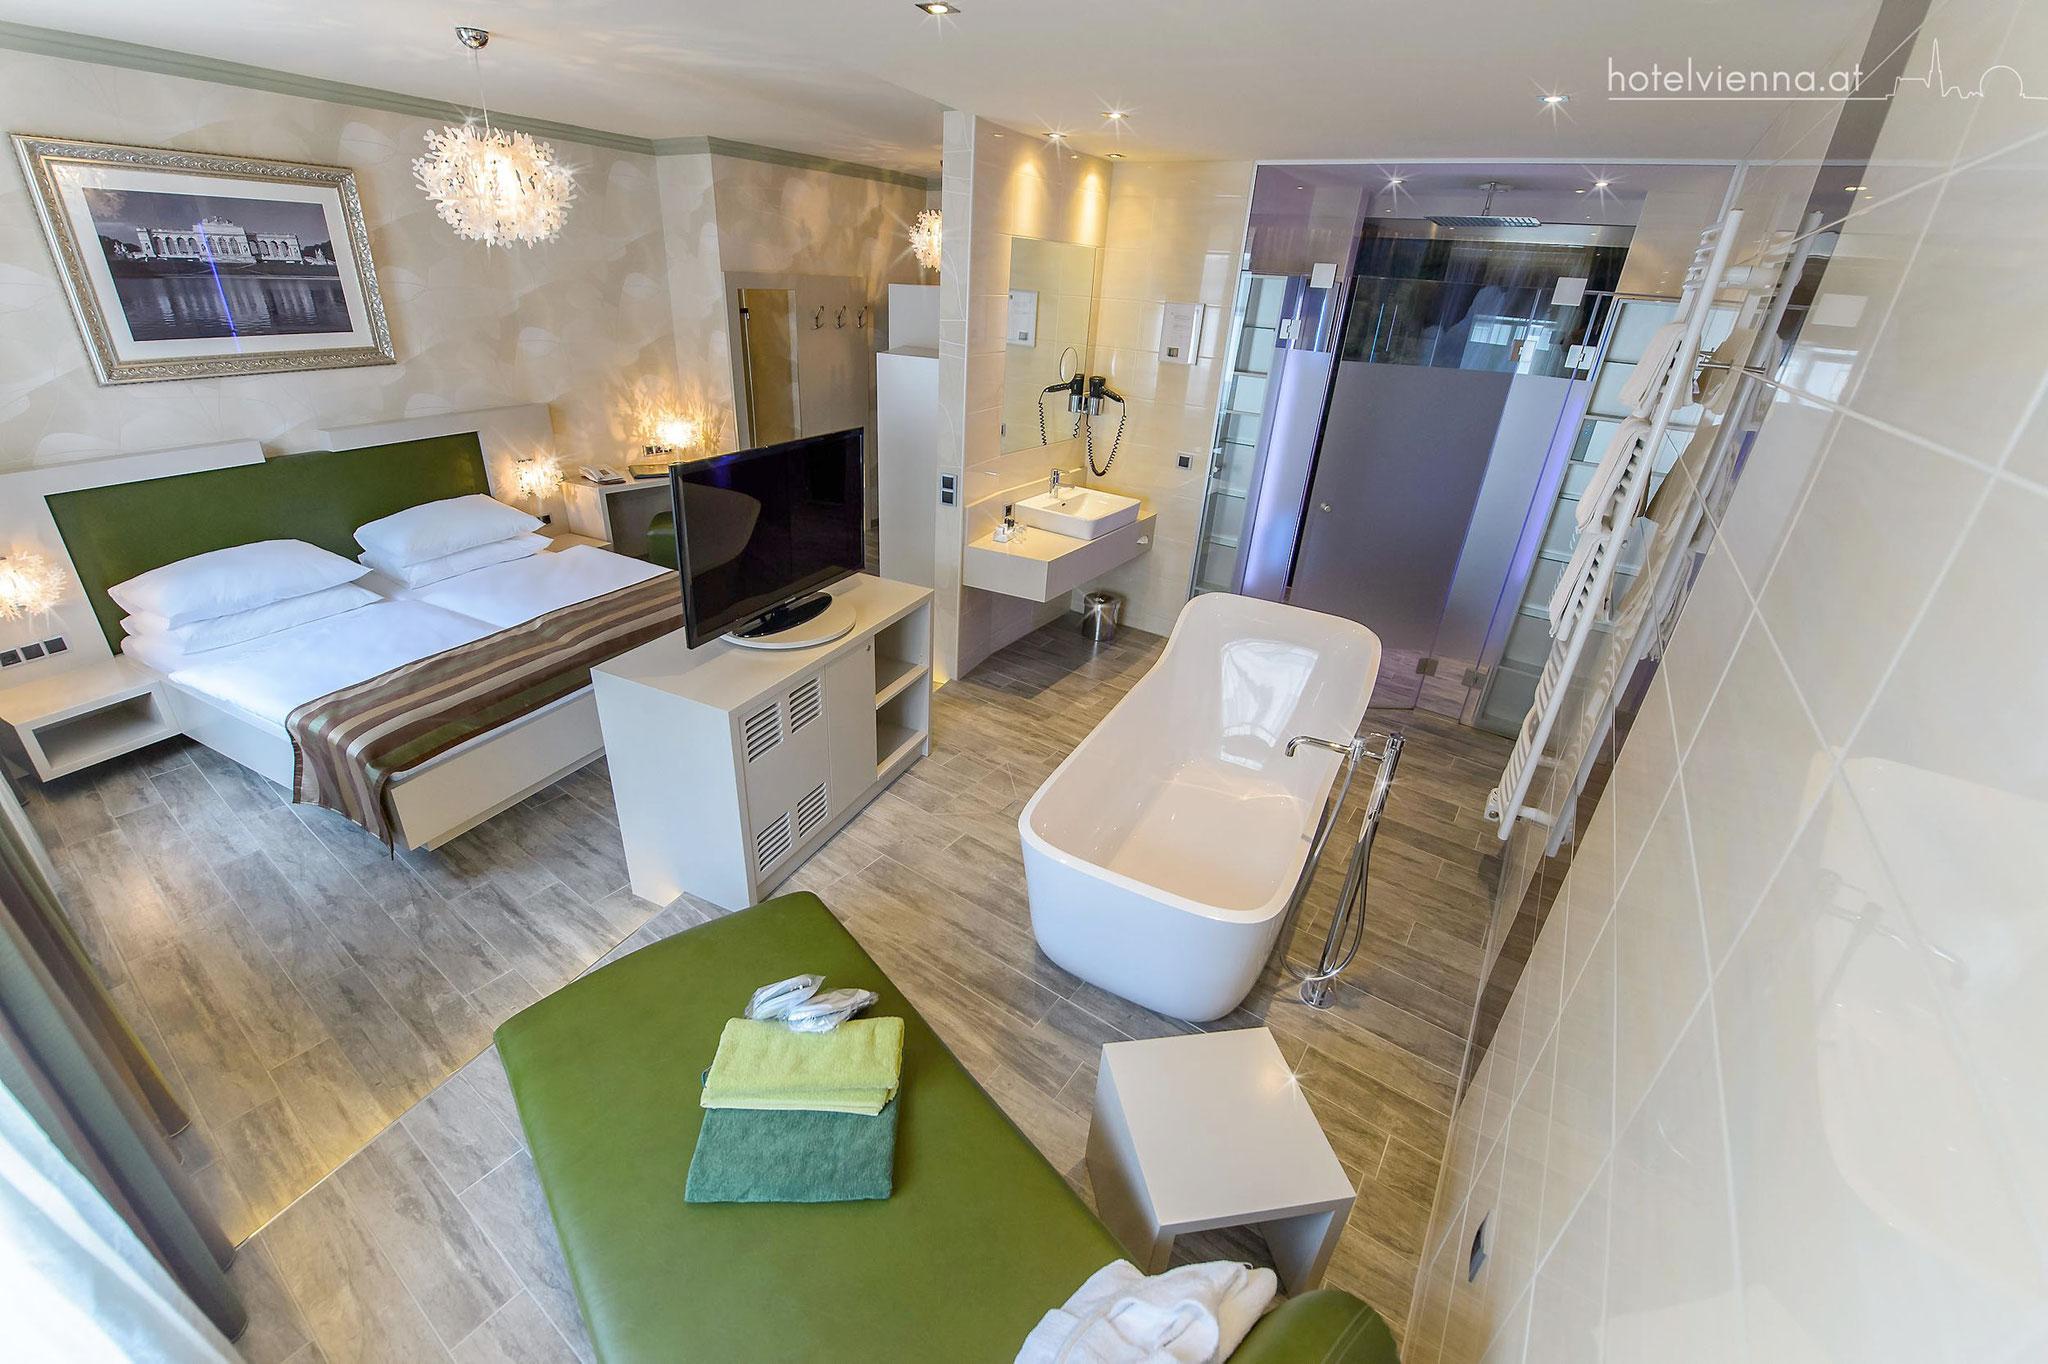 Hotel Vienna relax suite